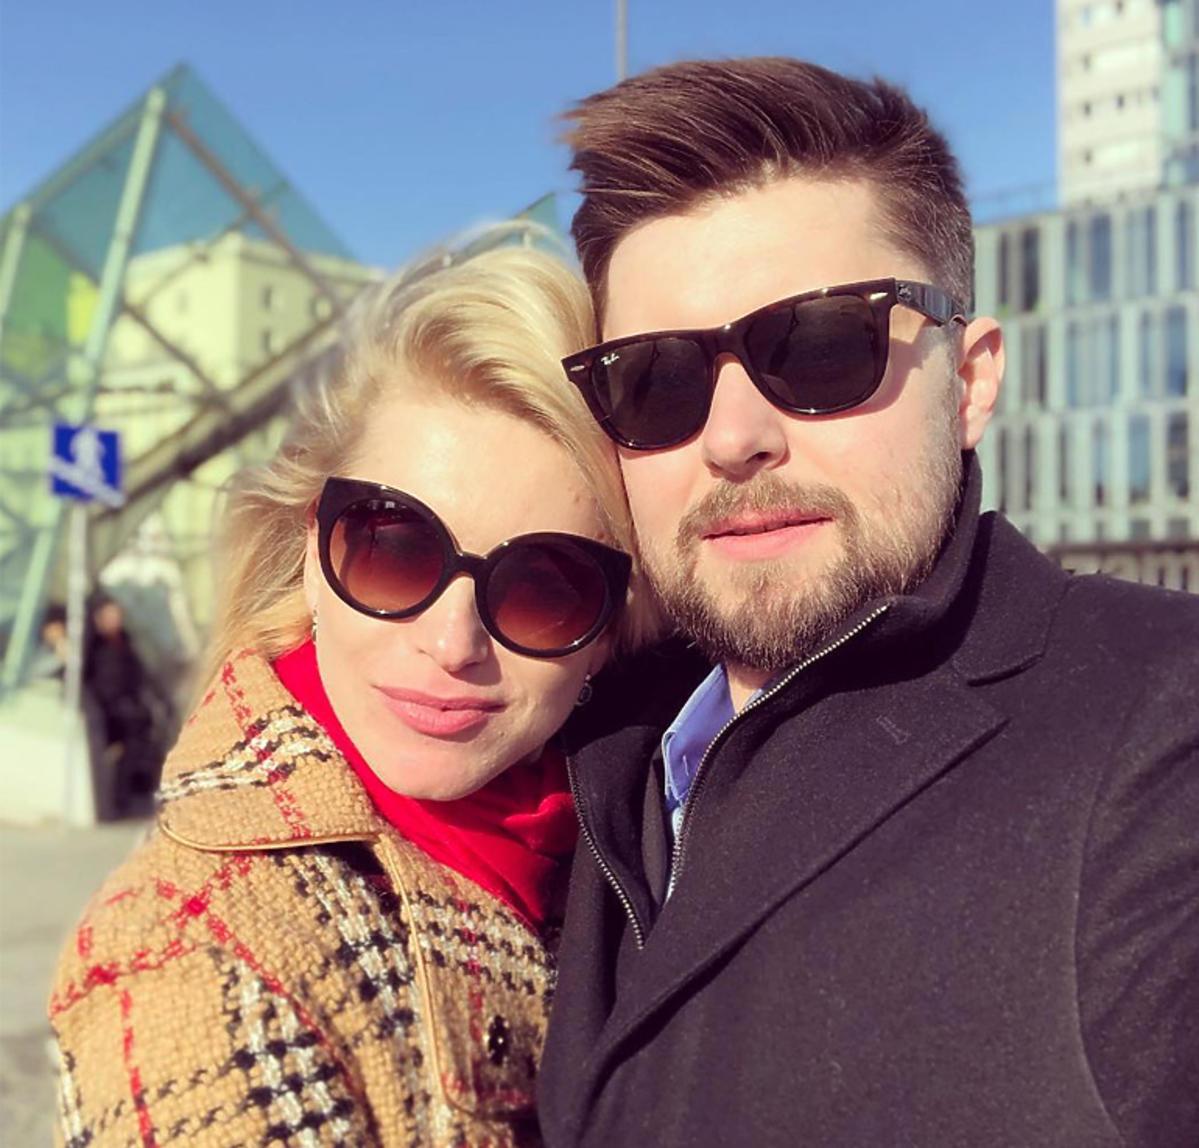 Remigiusz Mróz i Katarzyna Bonda razem na Instagramie